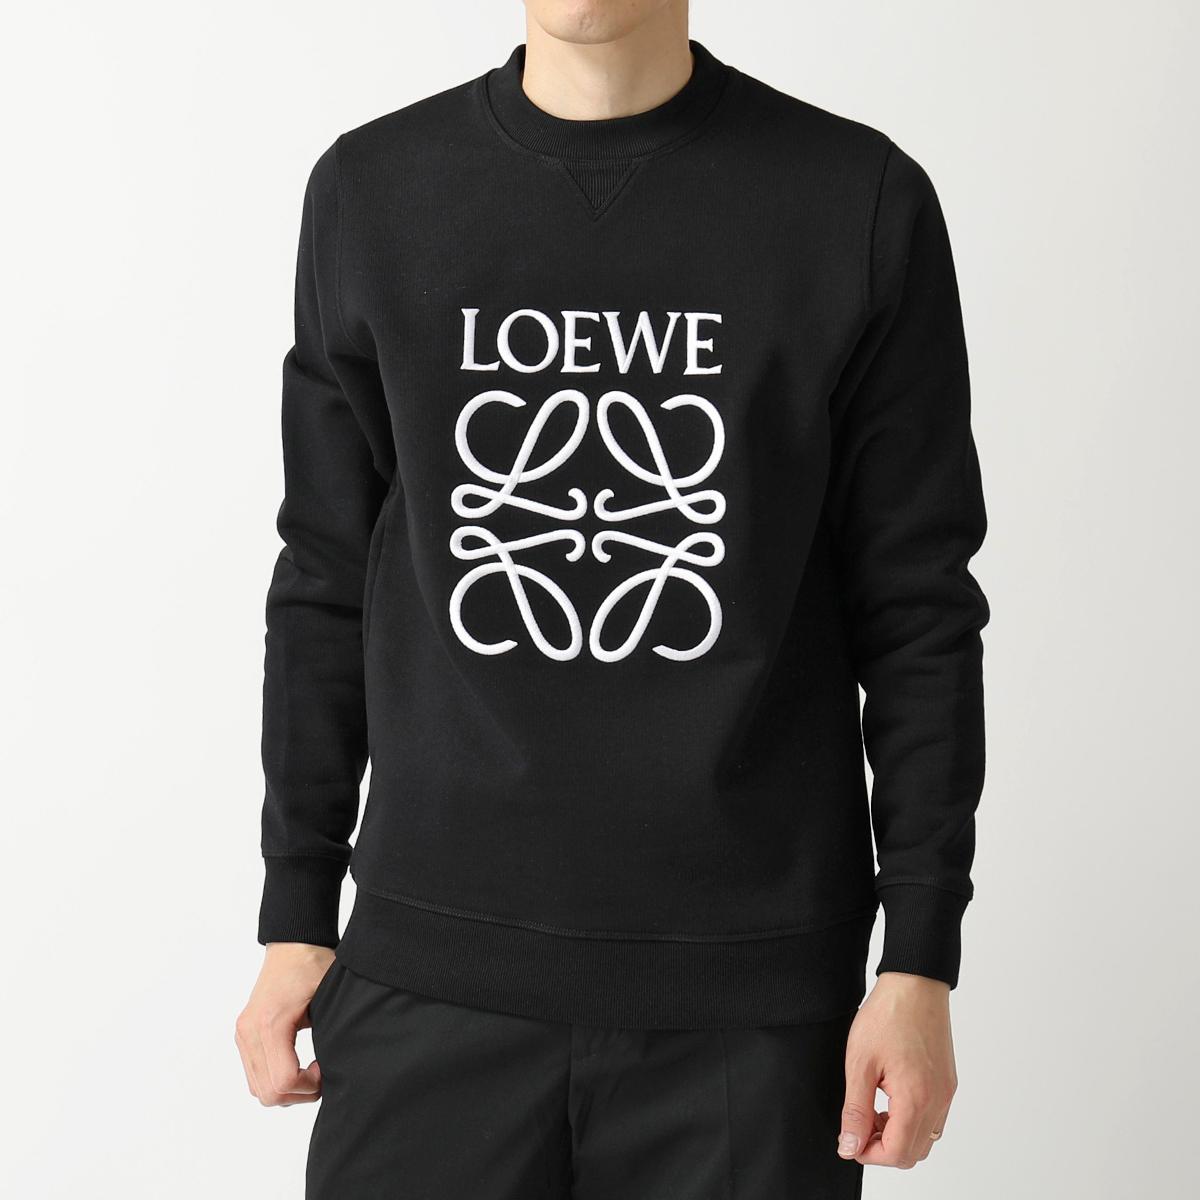 【エントリーでポイント4倍対象!24日23時59まで】LOEWE ロエベ H6109900CR 1100/BLACK ANAGRAM SWEAT クルーネック スウェットシャツ トレーナー アナグラムロゴ刺繍 メンズ